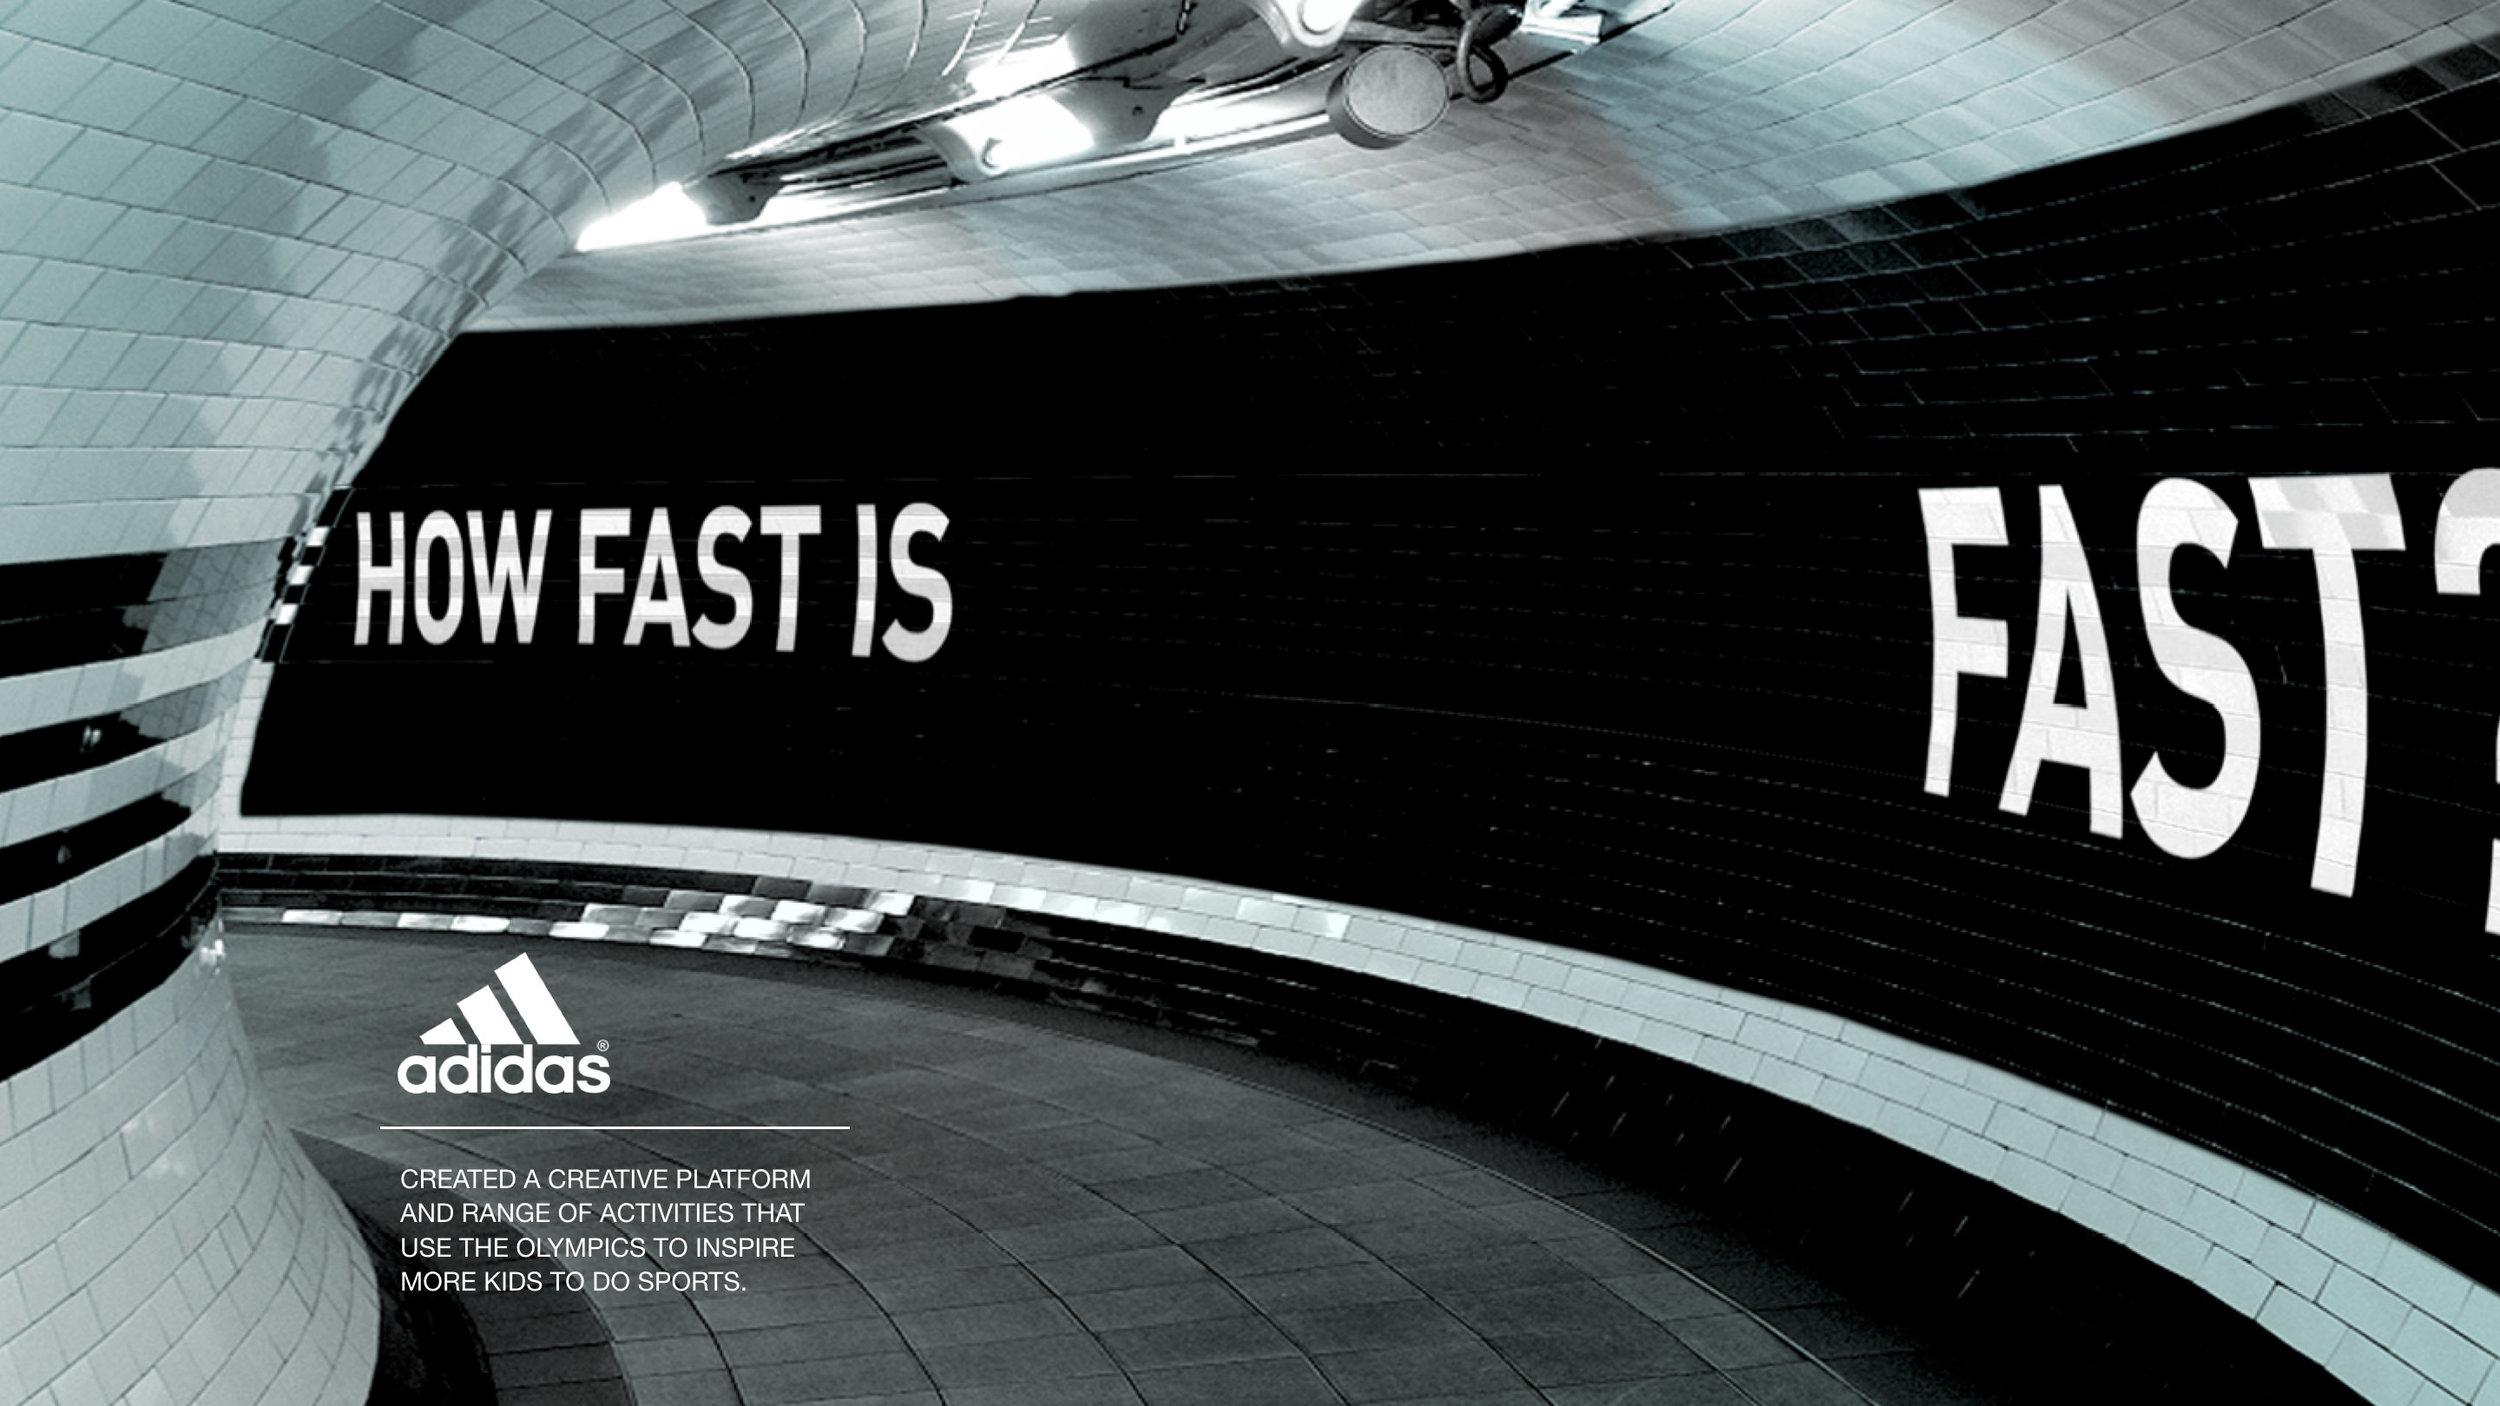 10.adidas.jpg